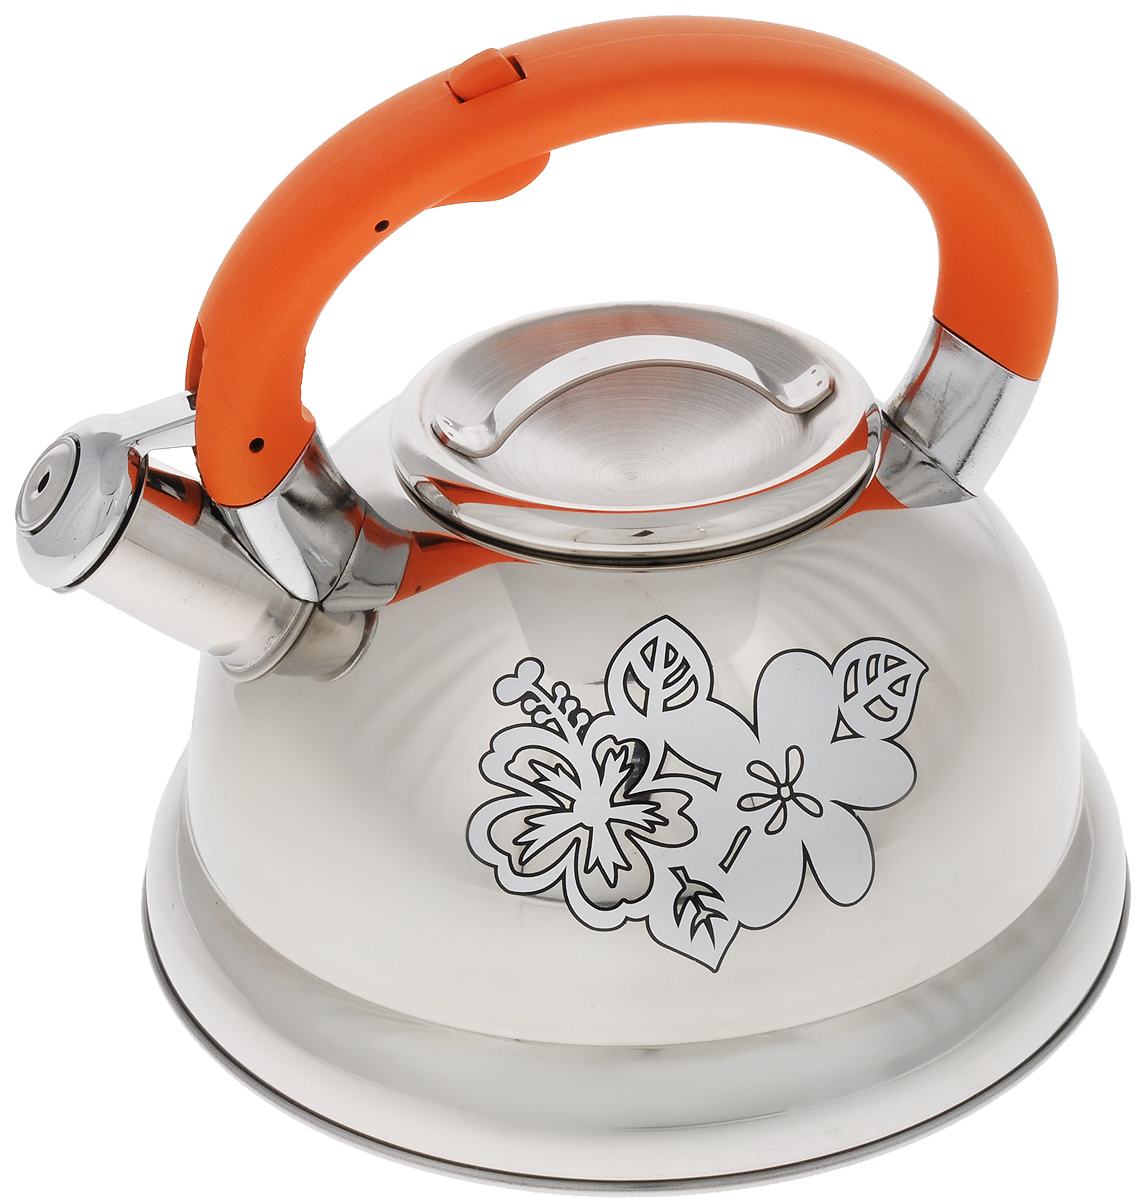 Чайник Mayer & Boch, со свистком, 2,6 л. 2278922789Чайник Mayer & Boch выполнен из высококачественной нержавеющей стали. Носик чайника оснащен насадкой-свистком, что позволит вам контролировать процесс подогрева или кипячения воды. Ручка из бакелита делает использование чайника очень удобным и безопасным. Эстетичный и функциональный чайник будет оригинально смотреться в любом интерьере.. Подходит для газовых, электрических, стеклокерамических и индукционных плит. Можно мыть в посудомоечной машине.Диаметр чайника (по верхнему краю): 10 см. Диаметр основания: 22 см.Высота чайника (без учета ручки): 11,5 см. Высота чайника (с учетом ручки): 20,5 см.